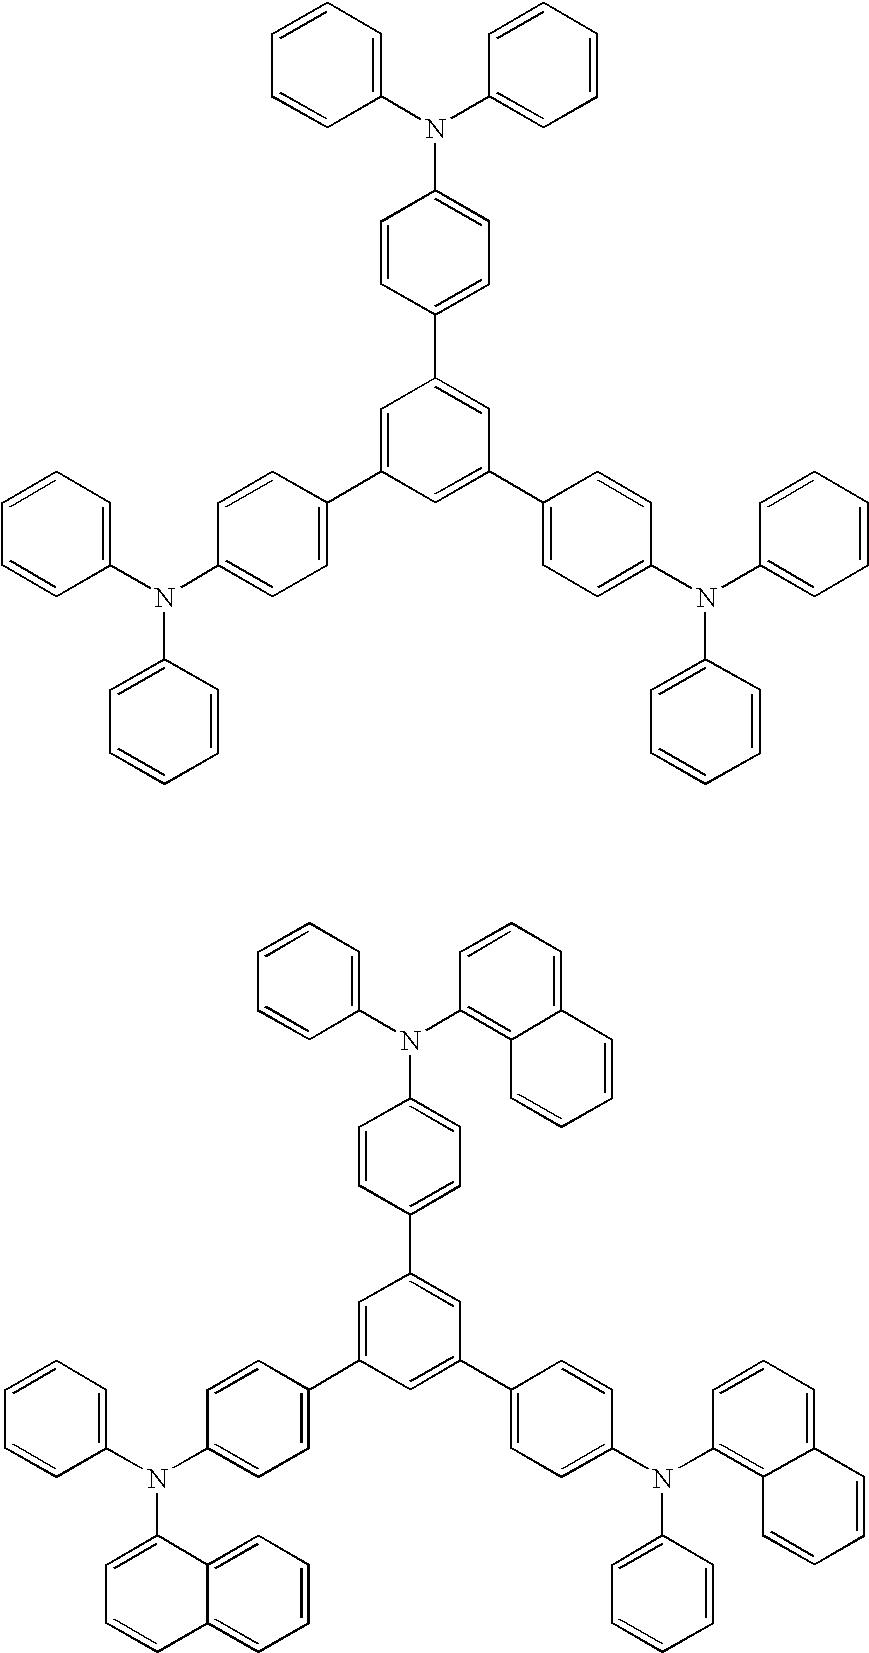 Figure US20080238300A1-20081002-C00007